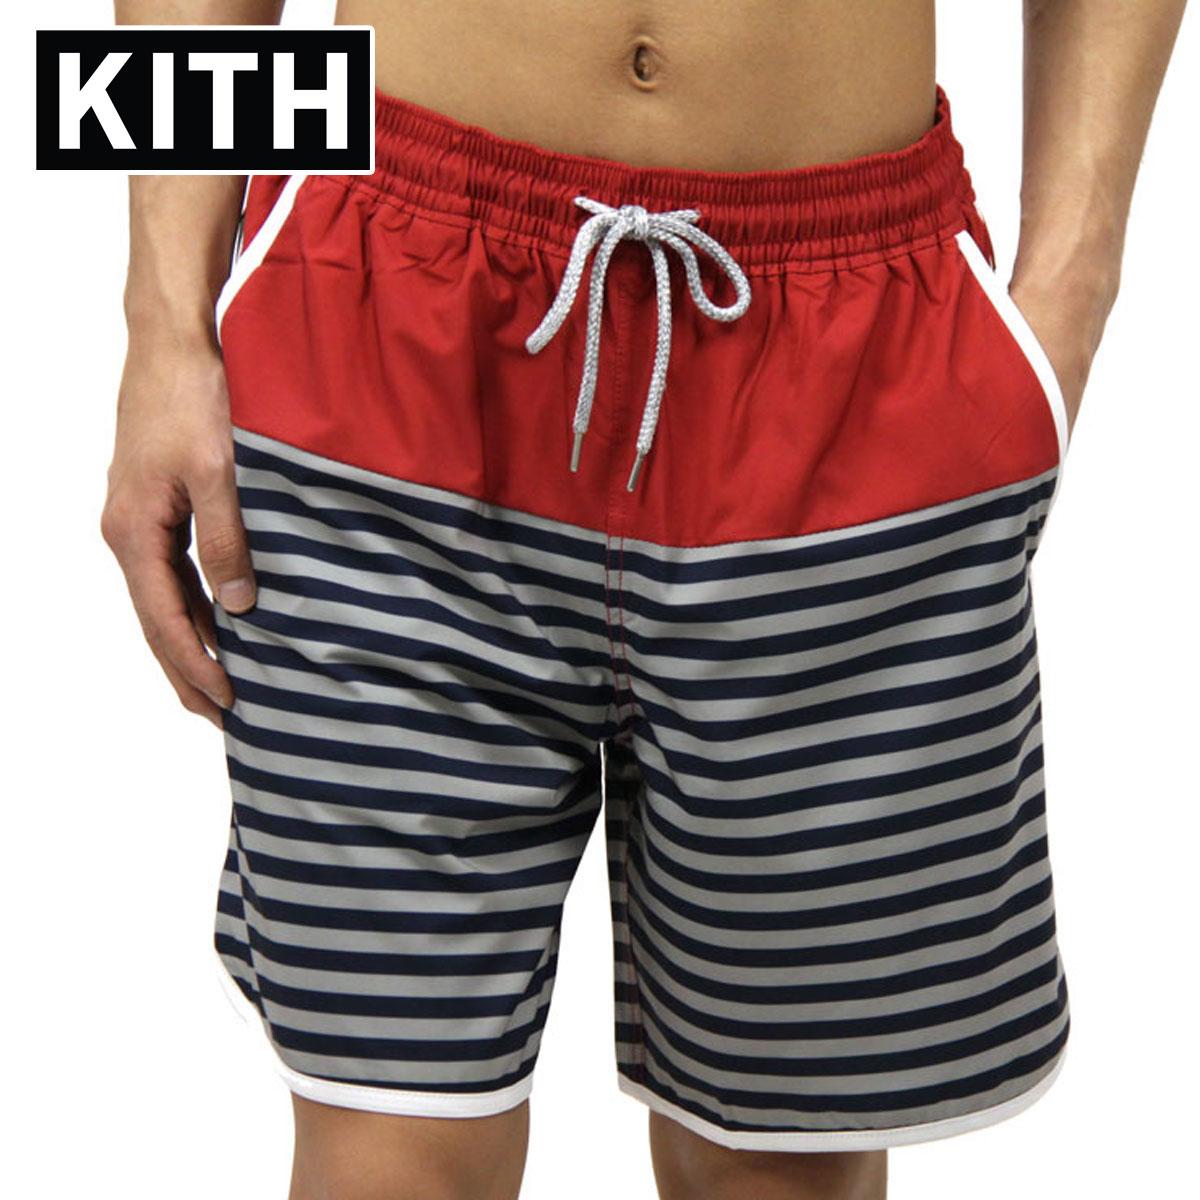 キス 水着 メンズ 正規品 KITH スイムパンツ KITH ROCKAWAY SHORT KH7002-106 RED / NAVY